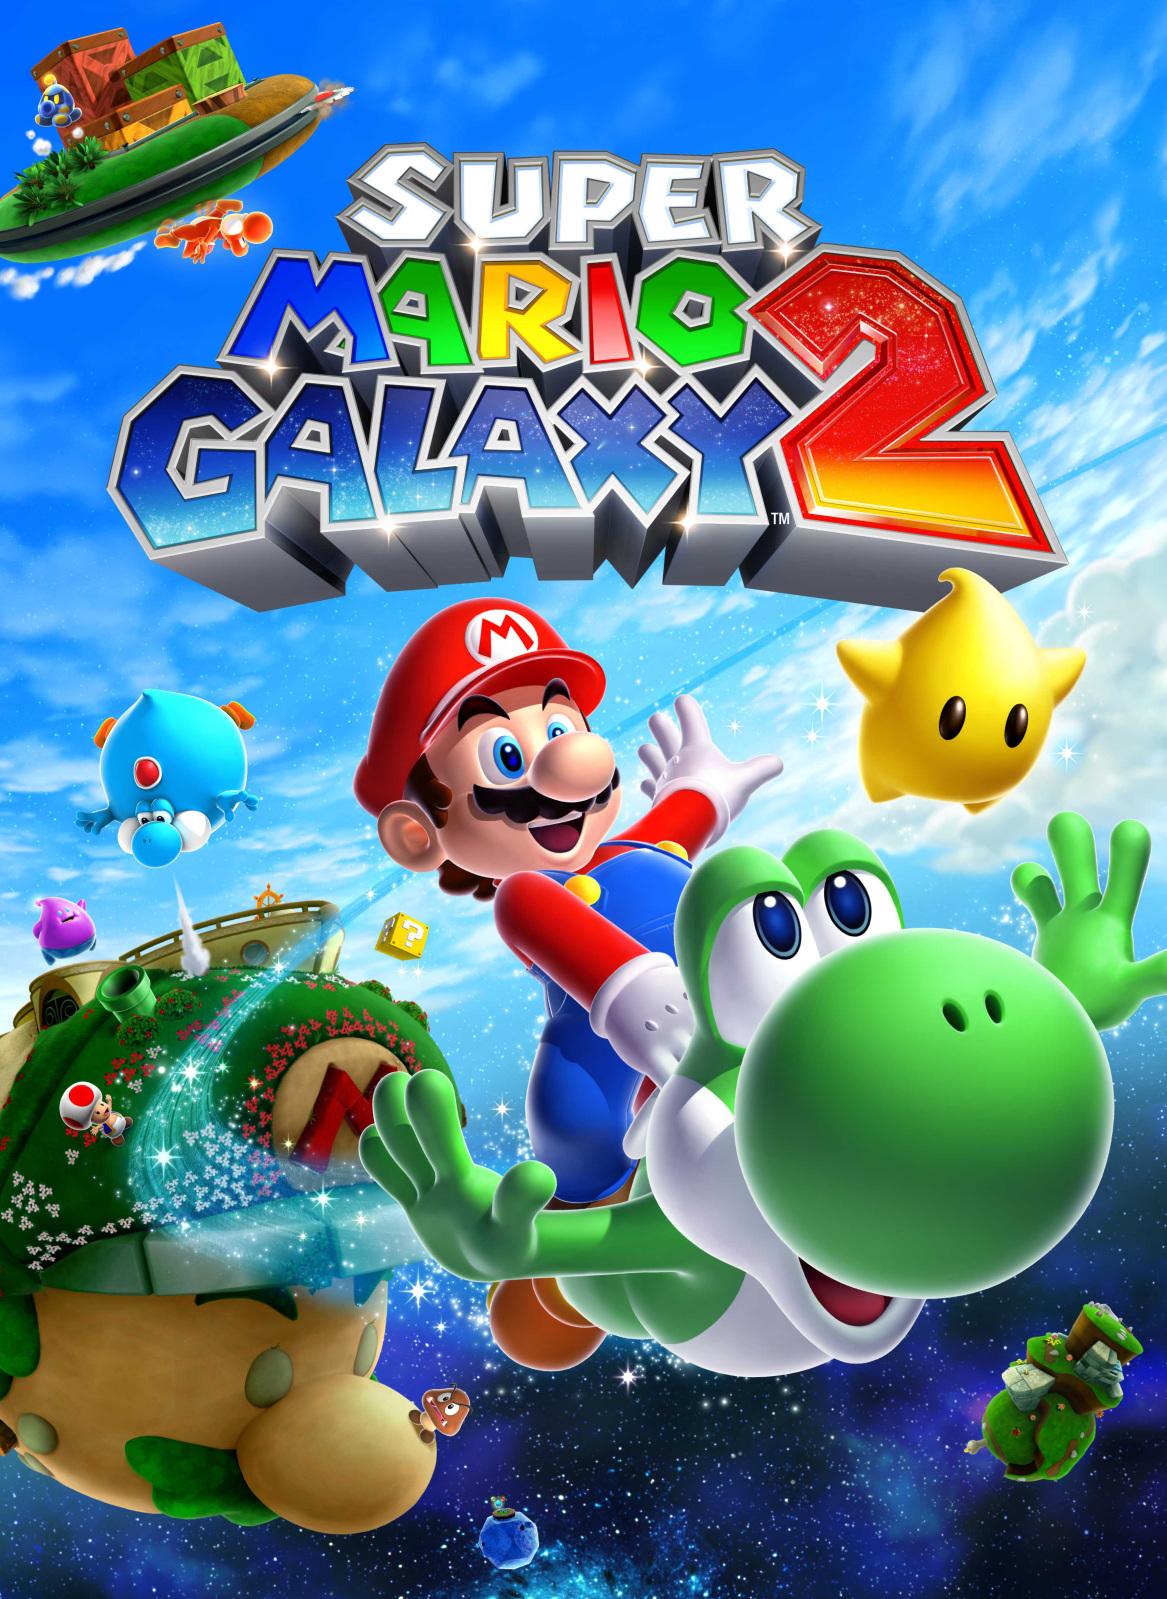 super_mario_galaxy_2_poster